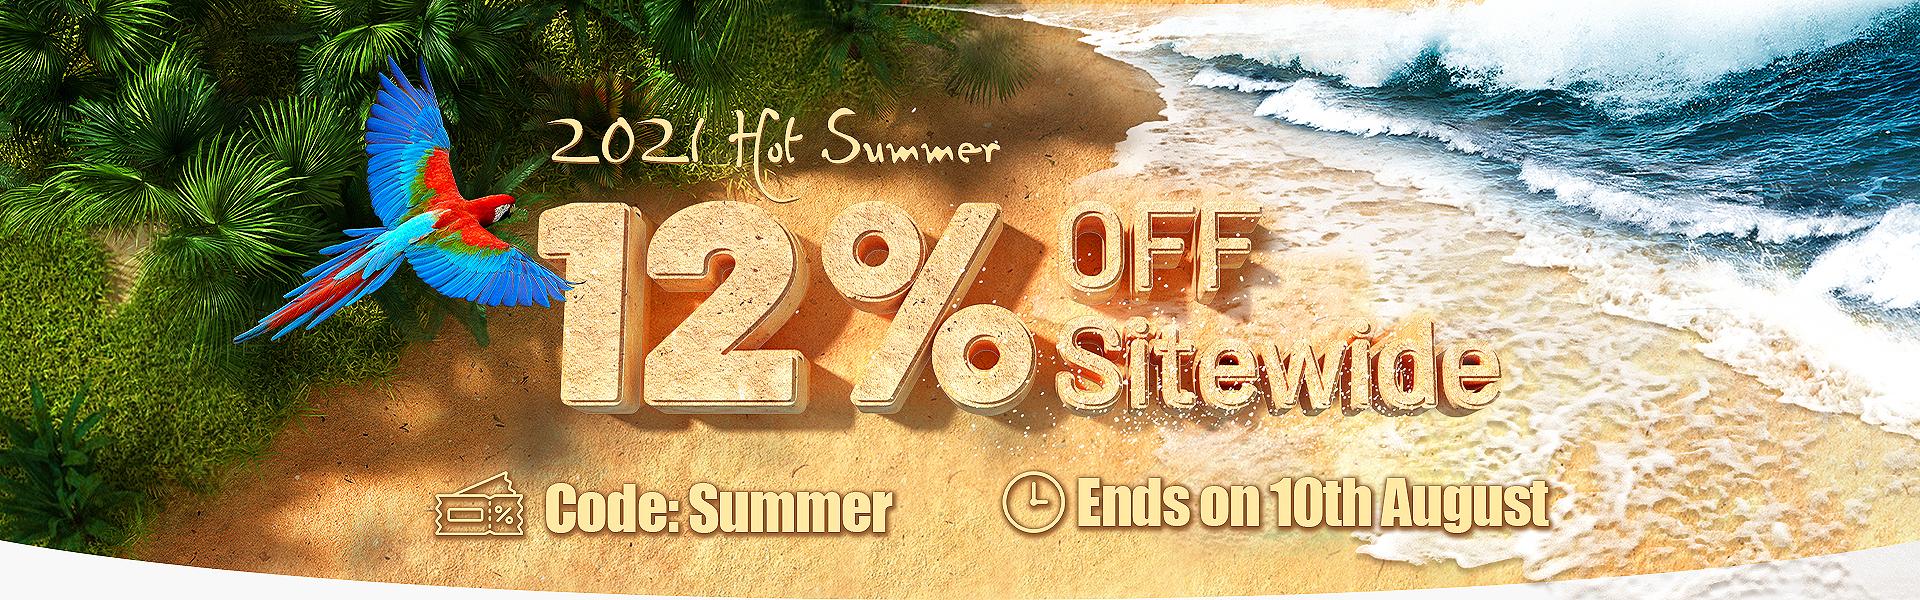 summer_sale_pc_banner.jpg